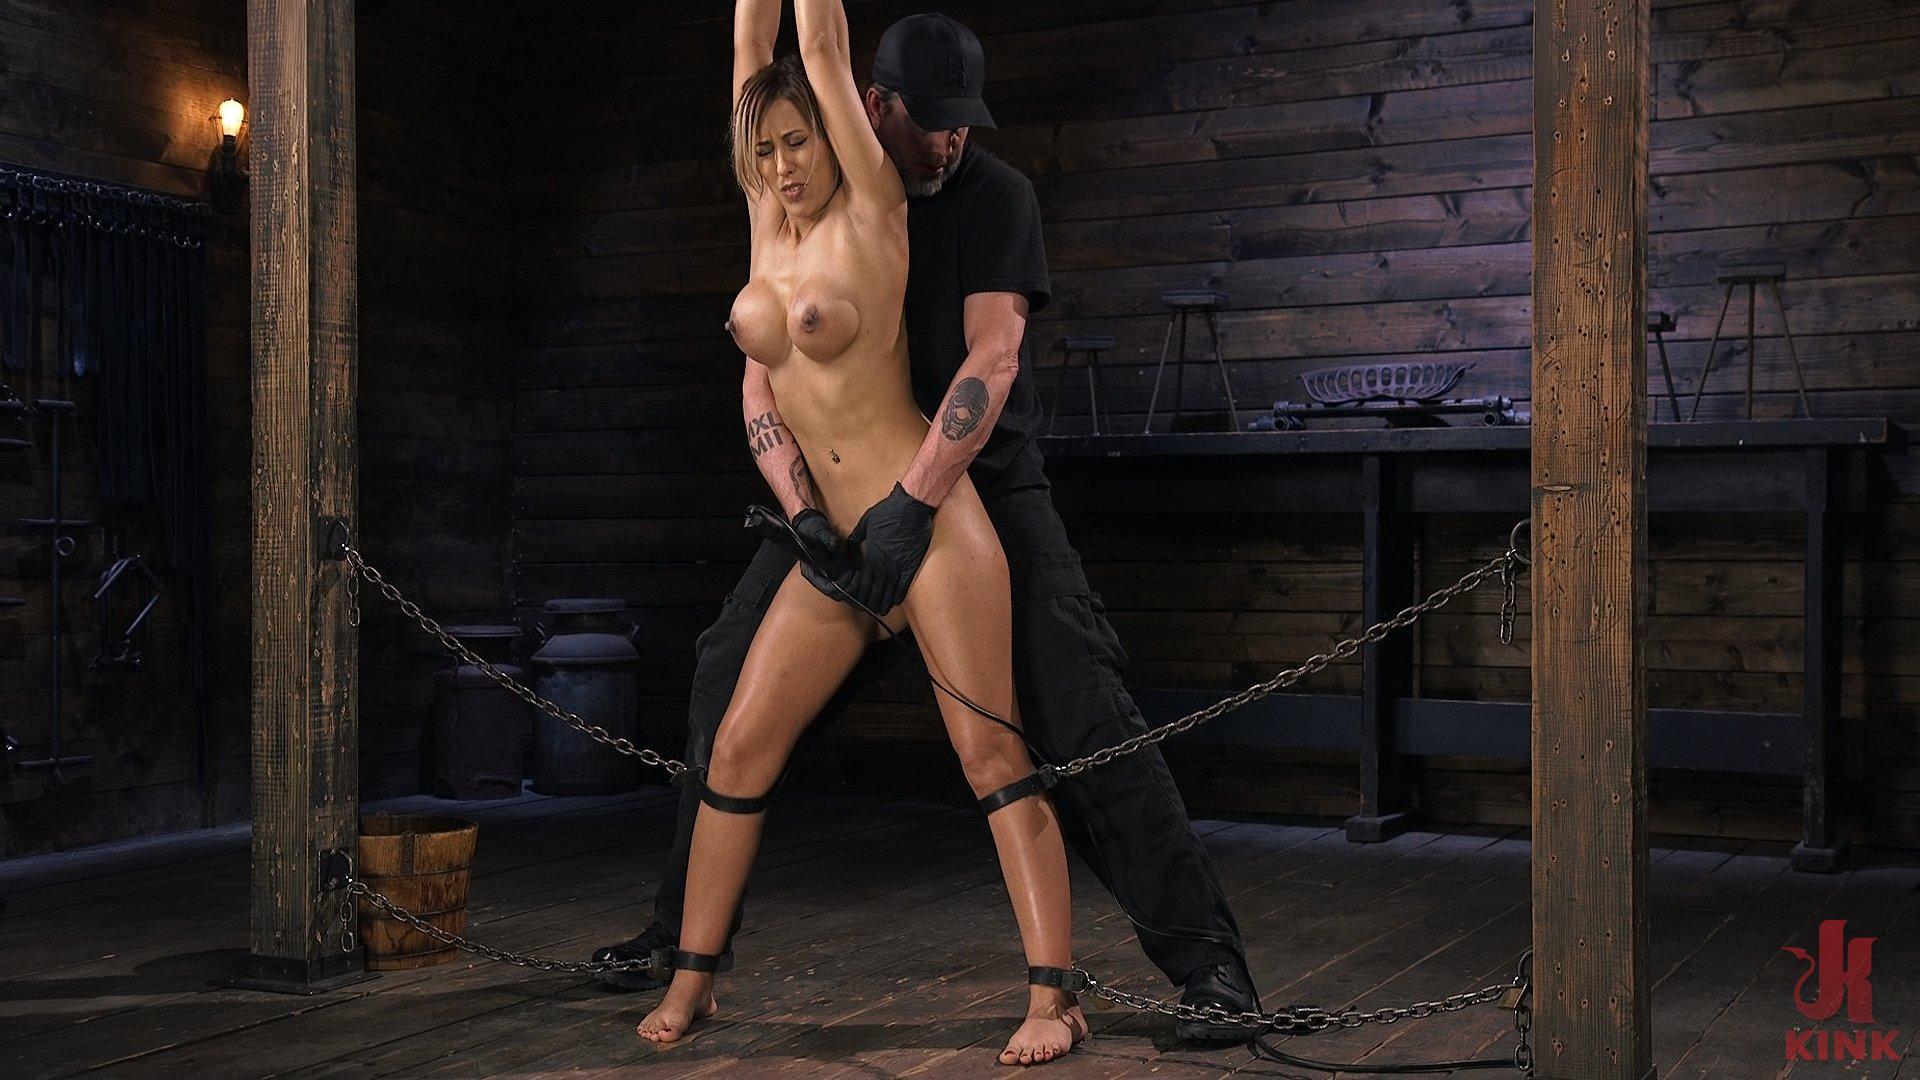 Procace Latina Slut è tormentato in Bondage estenuante (Kink)